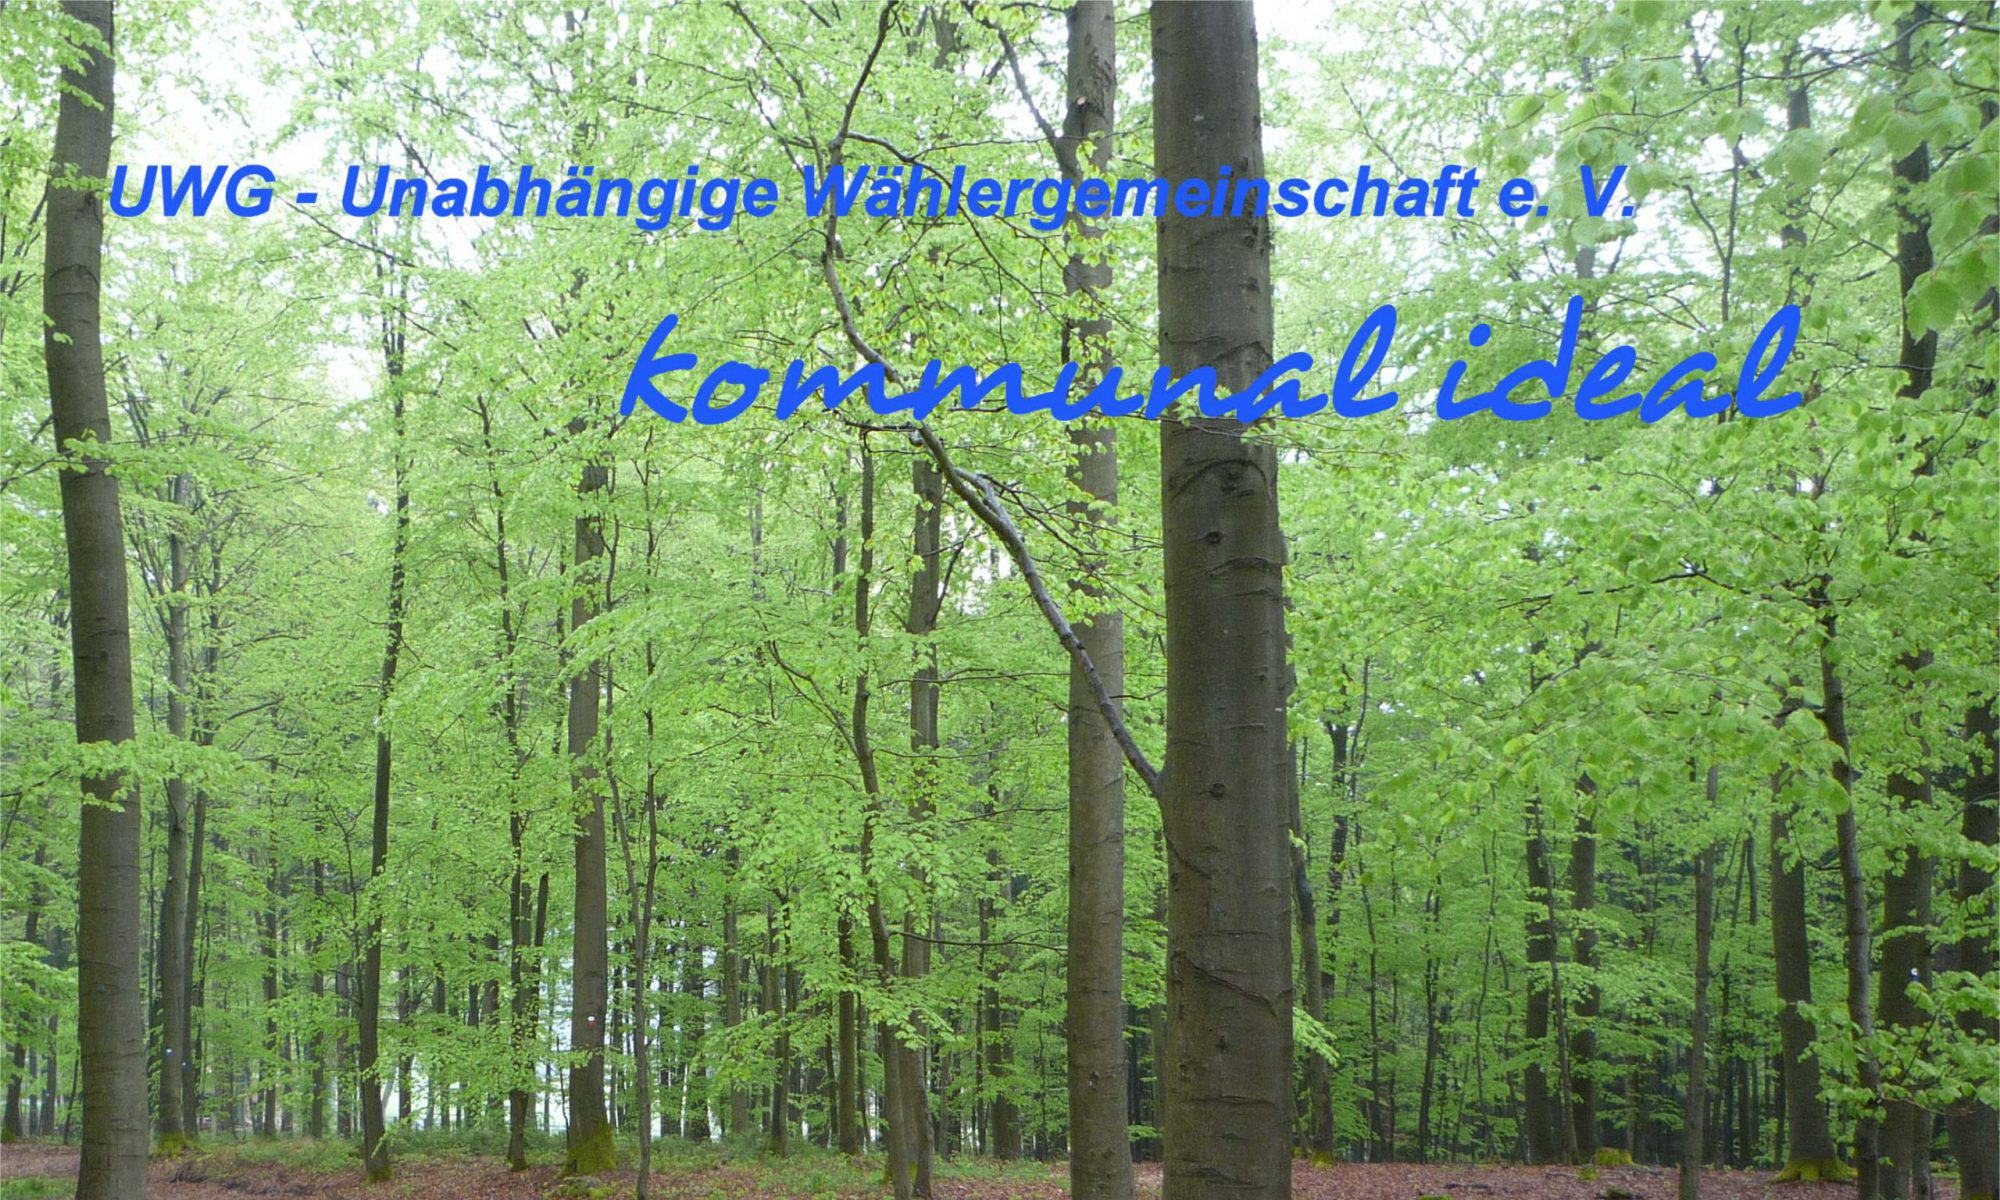 Unabhängige Wählergemeinschaft Schmallenberg e. V.